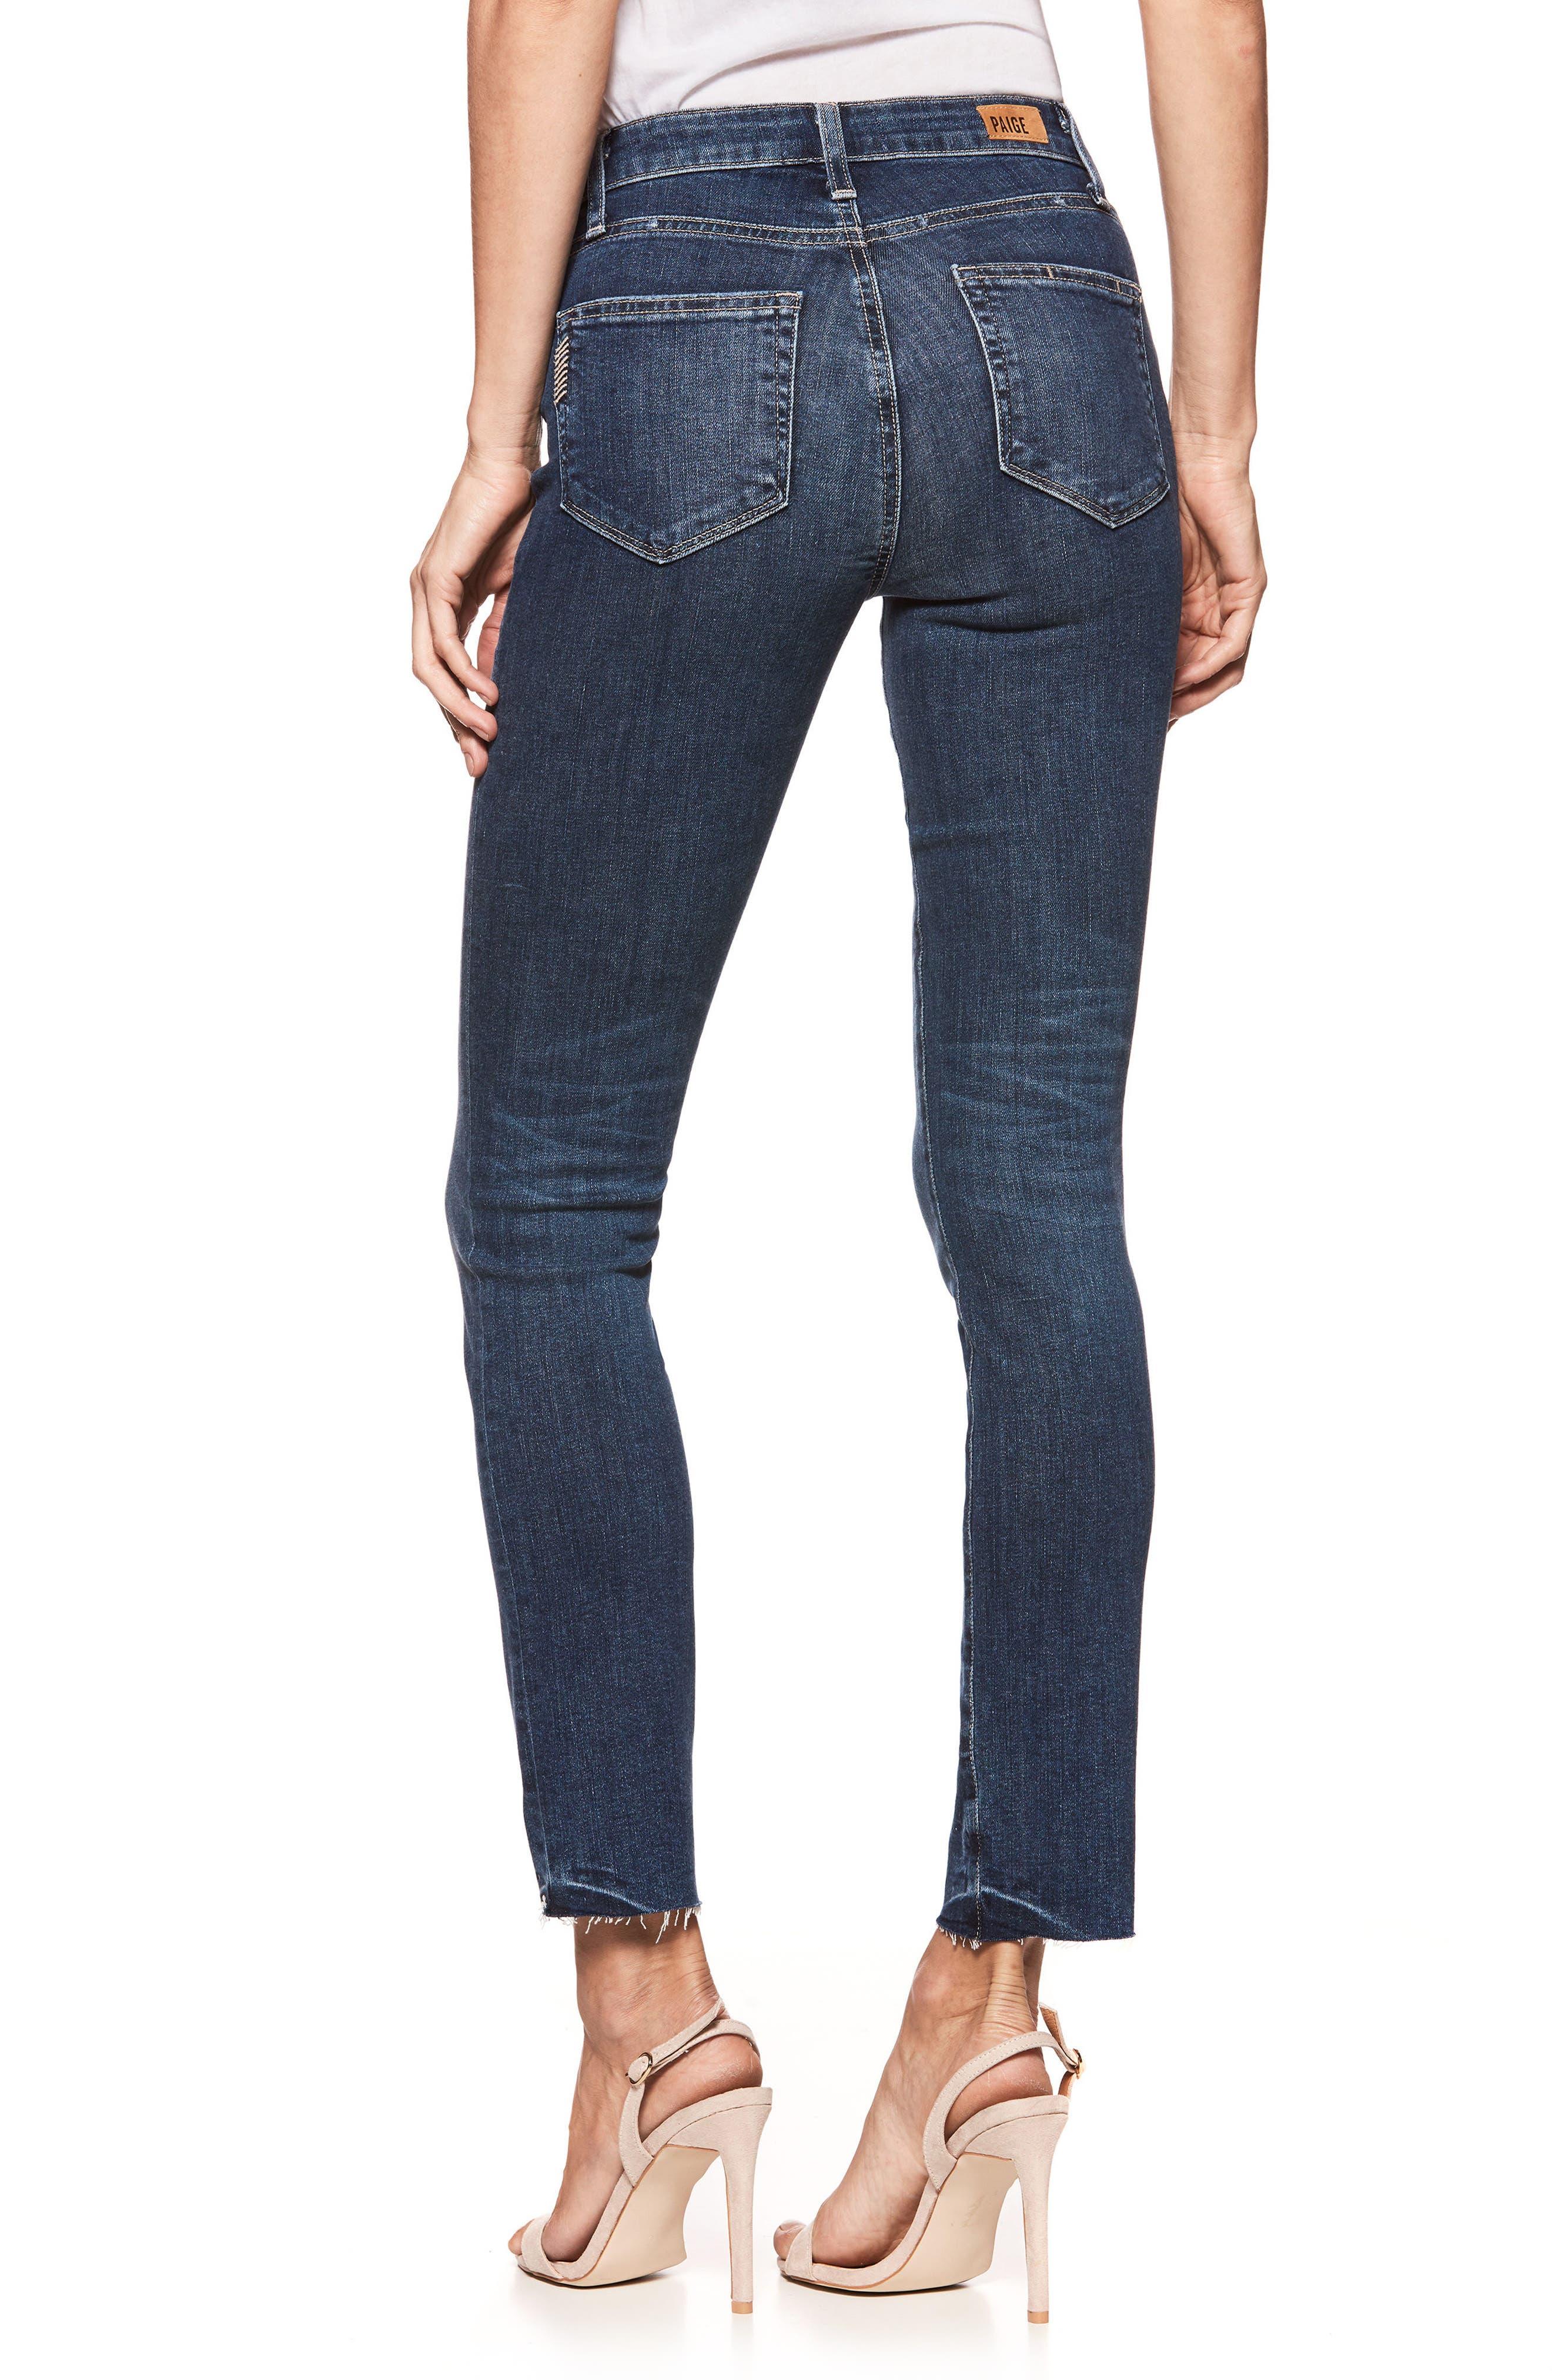 Transcend Vintage - Hoxton High Waist Ankle Peg Jeans,                             Alternate thumbnail 2, color,                             400